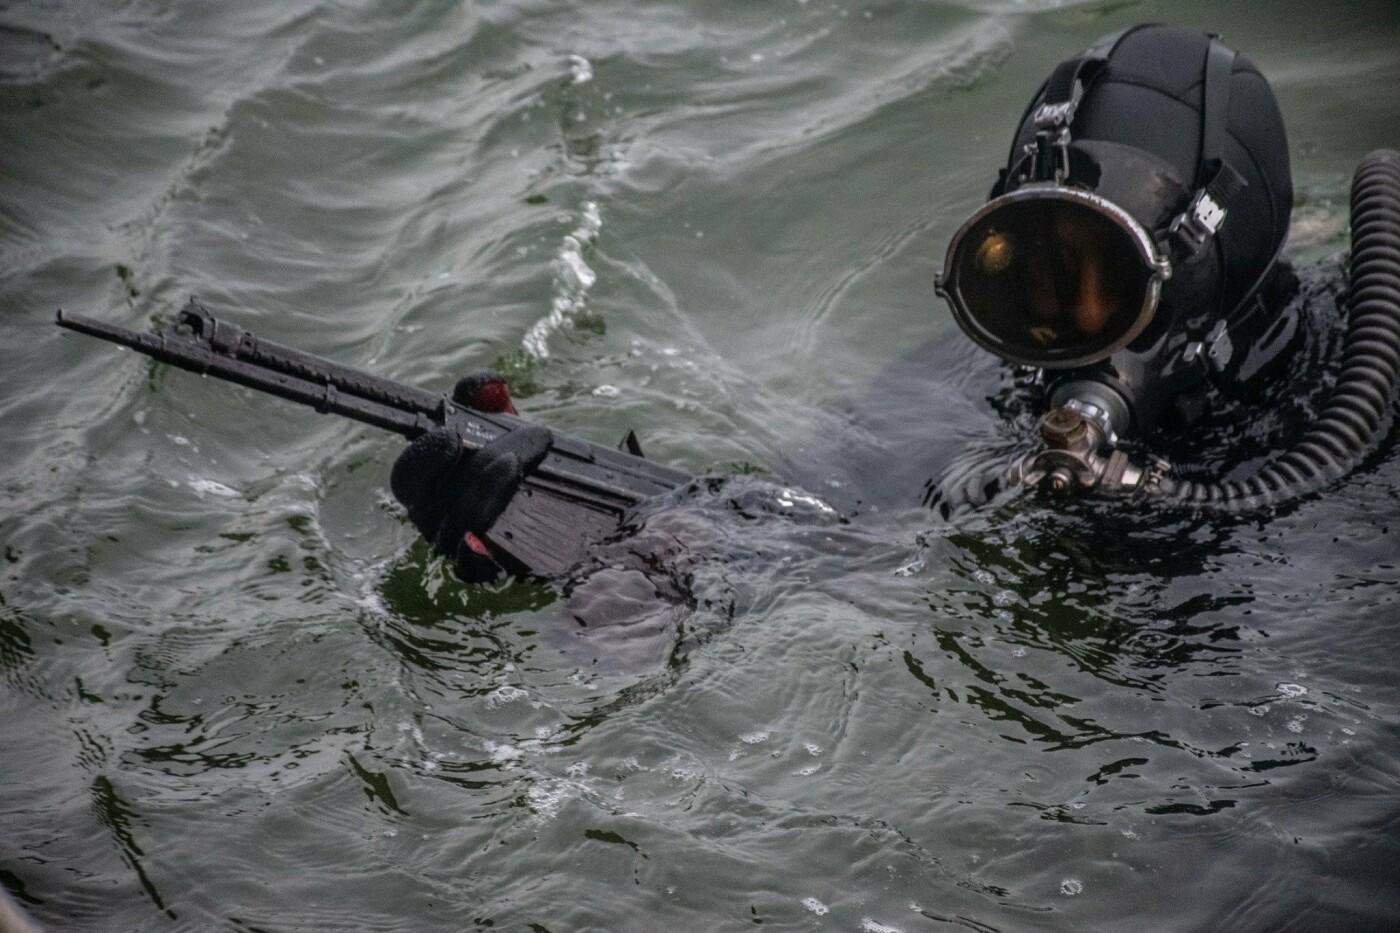 На Николаевщине водолазы-разведчики показали, как проходит их боевая подготовка, - ФОТО, фото-3